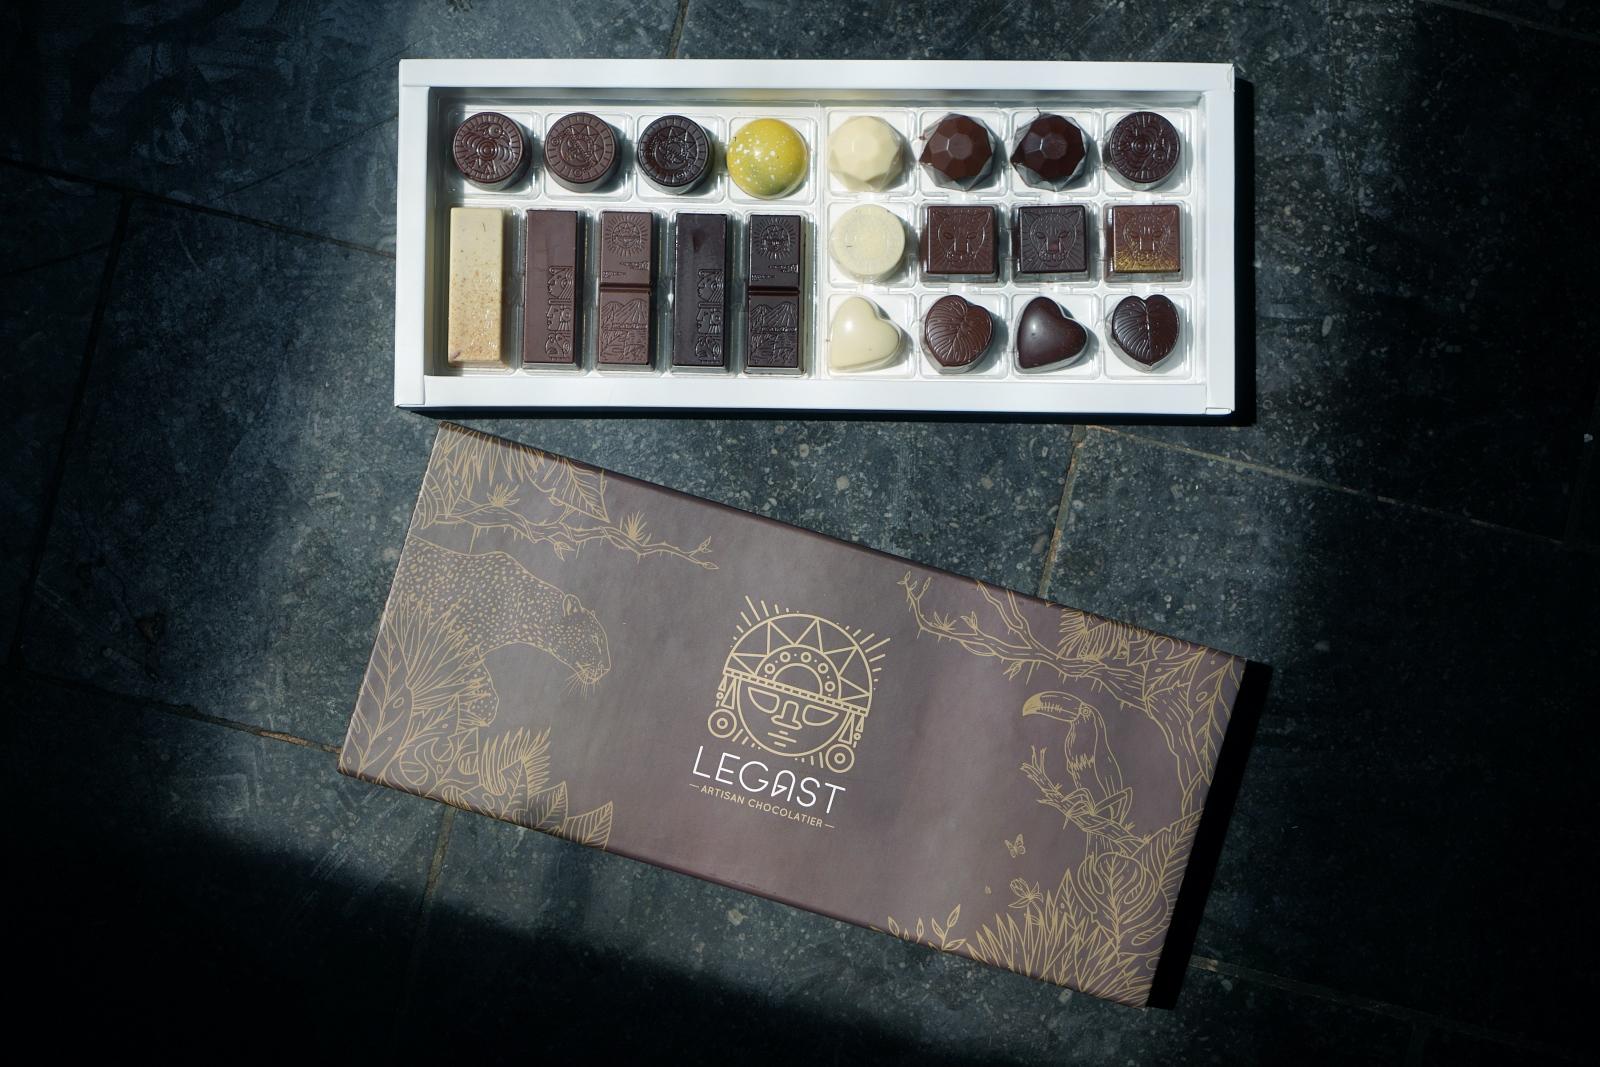 ベルギーから届いたラブストーリー、ショコラトリー「Legast(レガスト)」